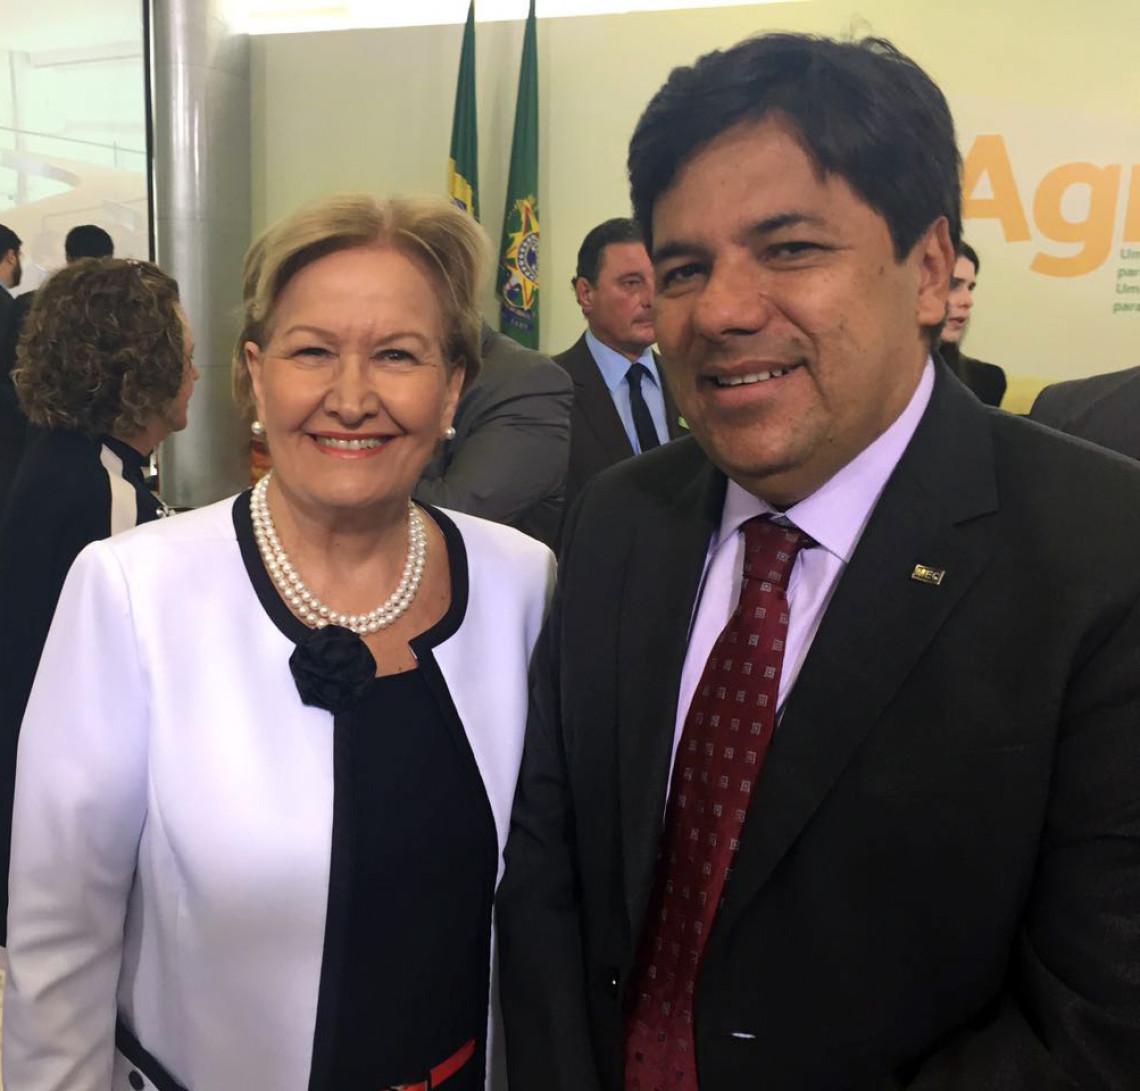 Ministro da Educação promete decisão para os próximos dias em relação ao curso de medicina em Ijuí